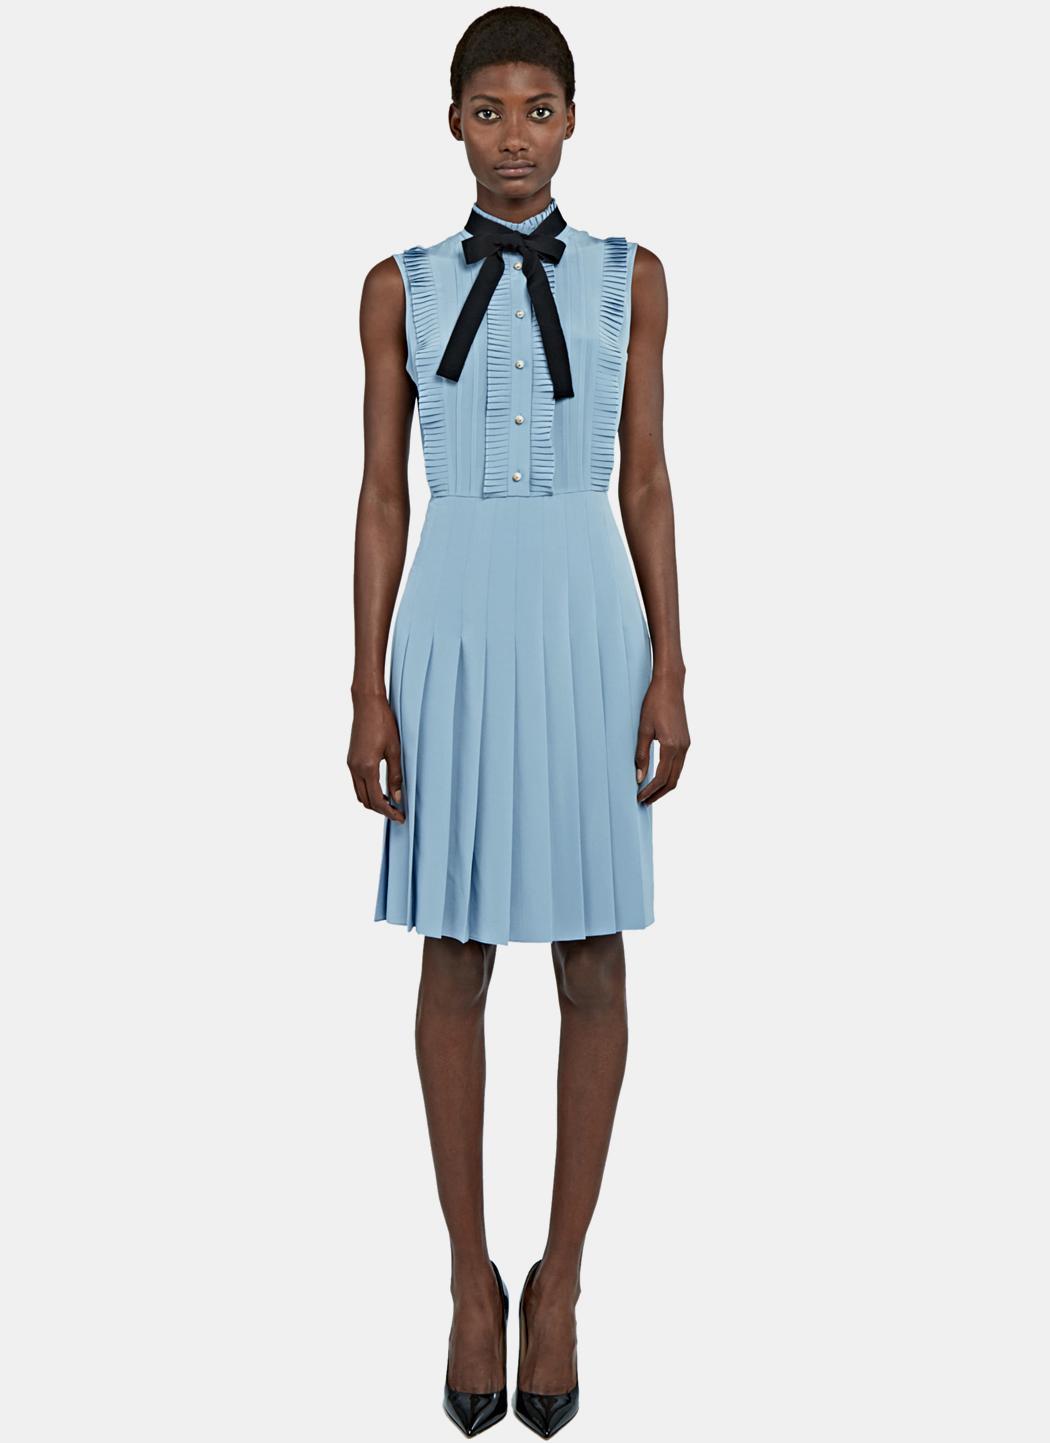 Lyst - Gucci Women\'s Ruffle Pleated Crêpe De Chine Dress In Blue in Blue